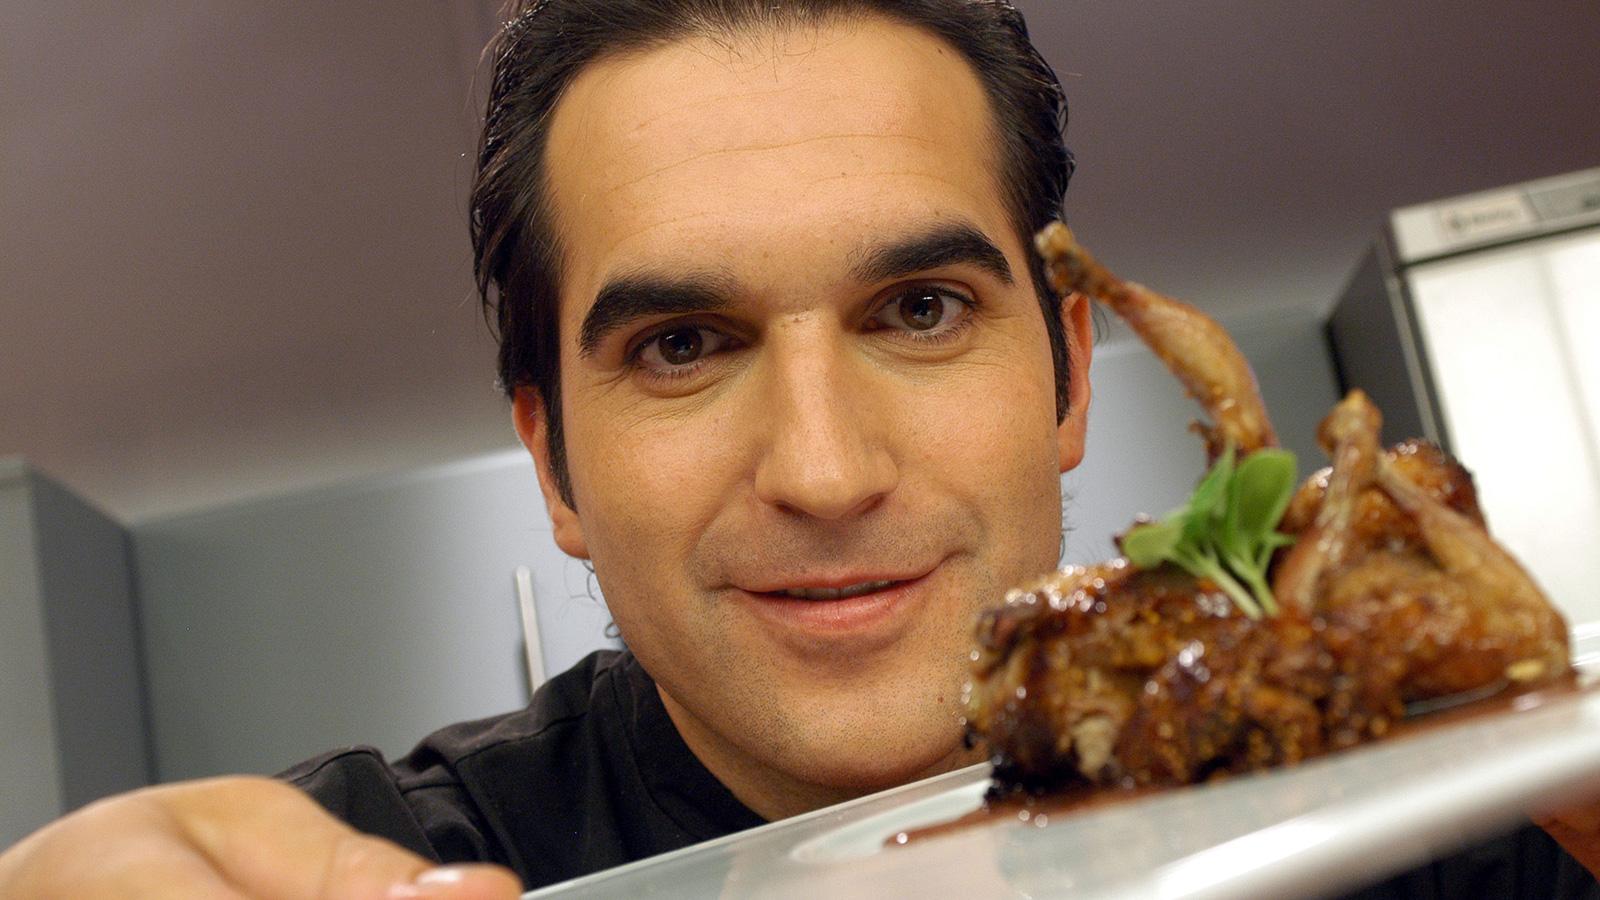 Mario sandoval cocineros canal cocina for Cocineros de canal cocina